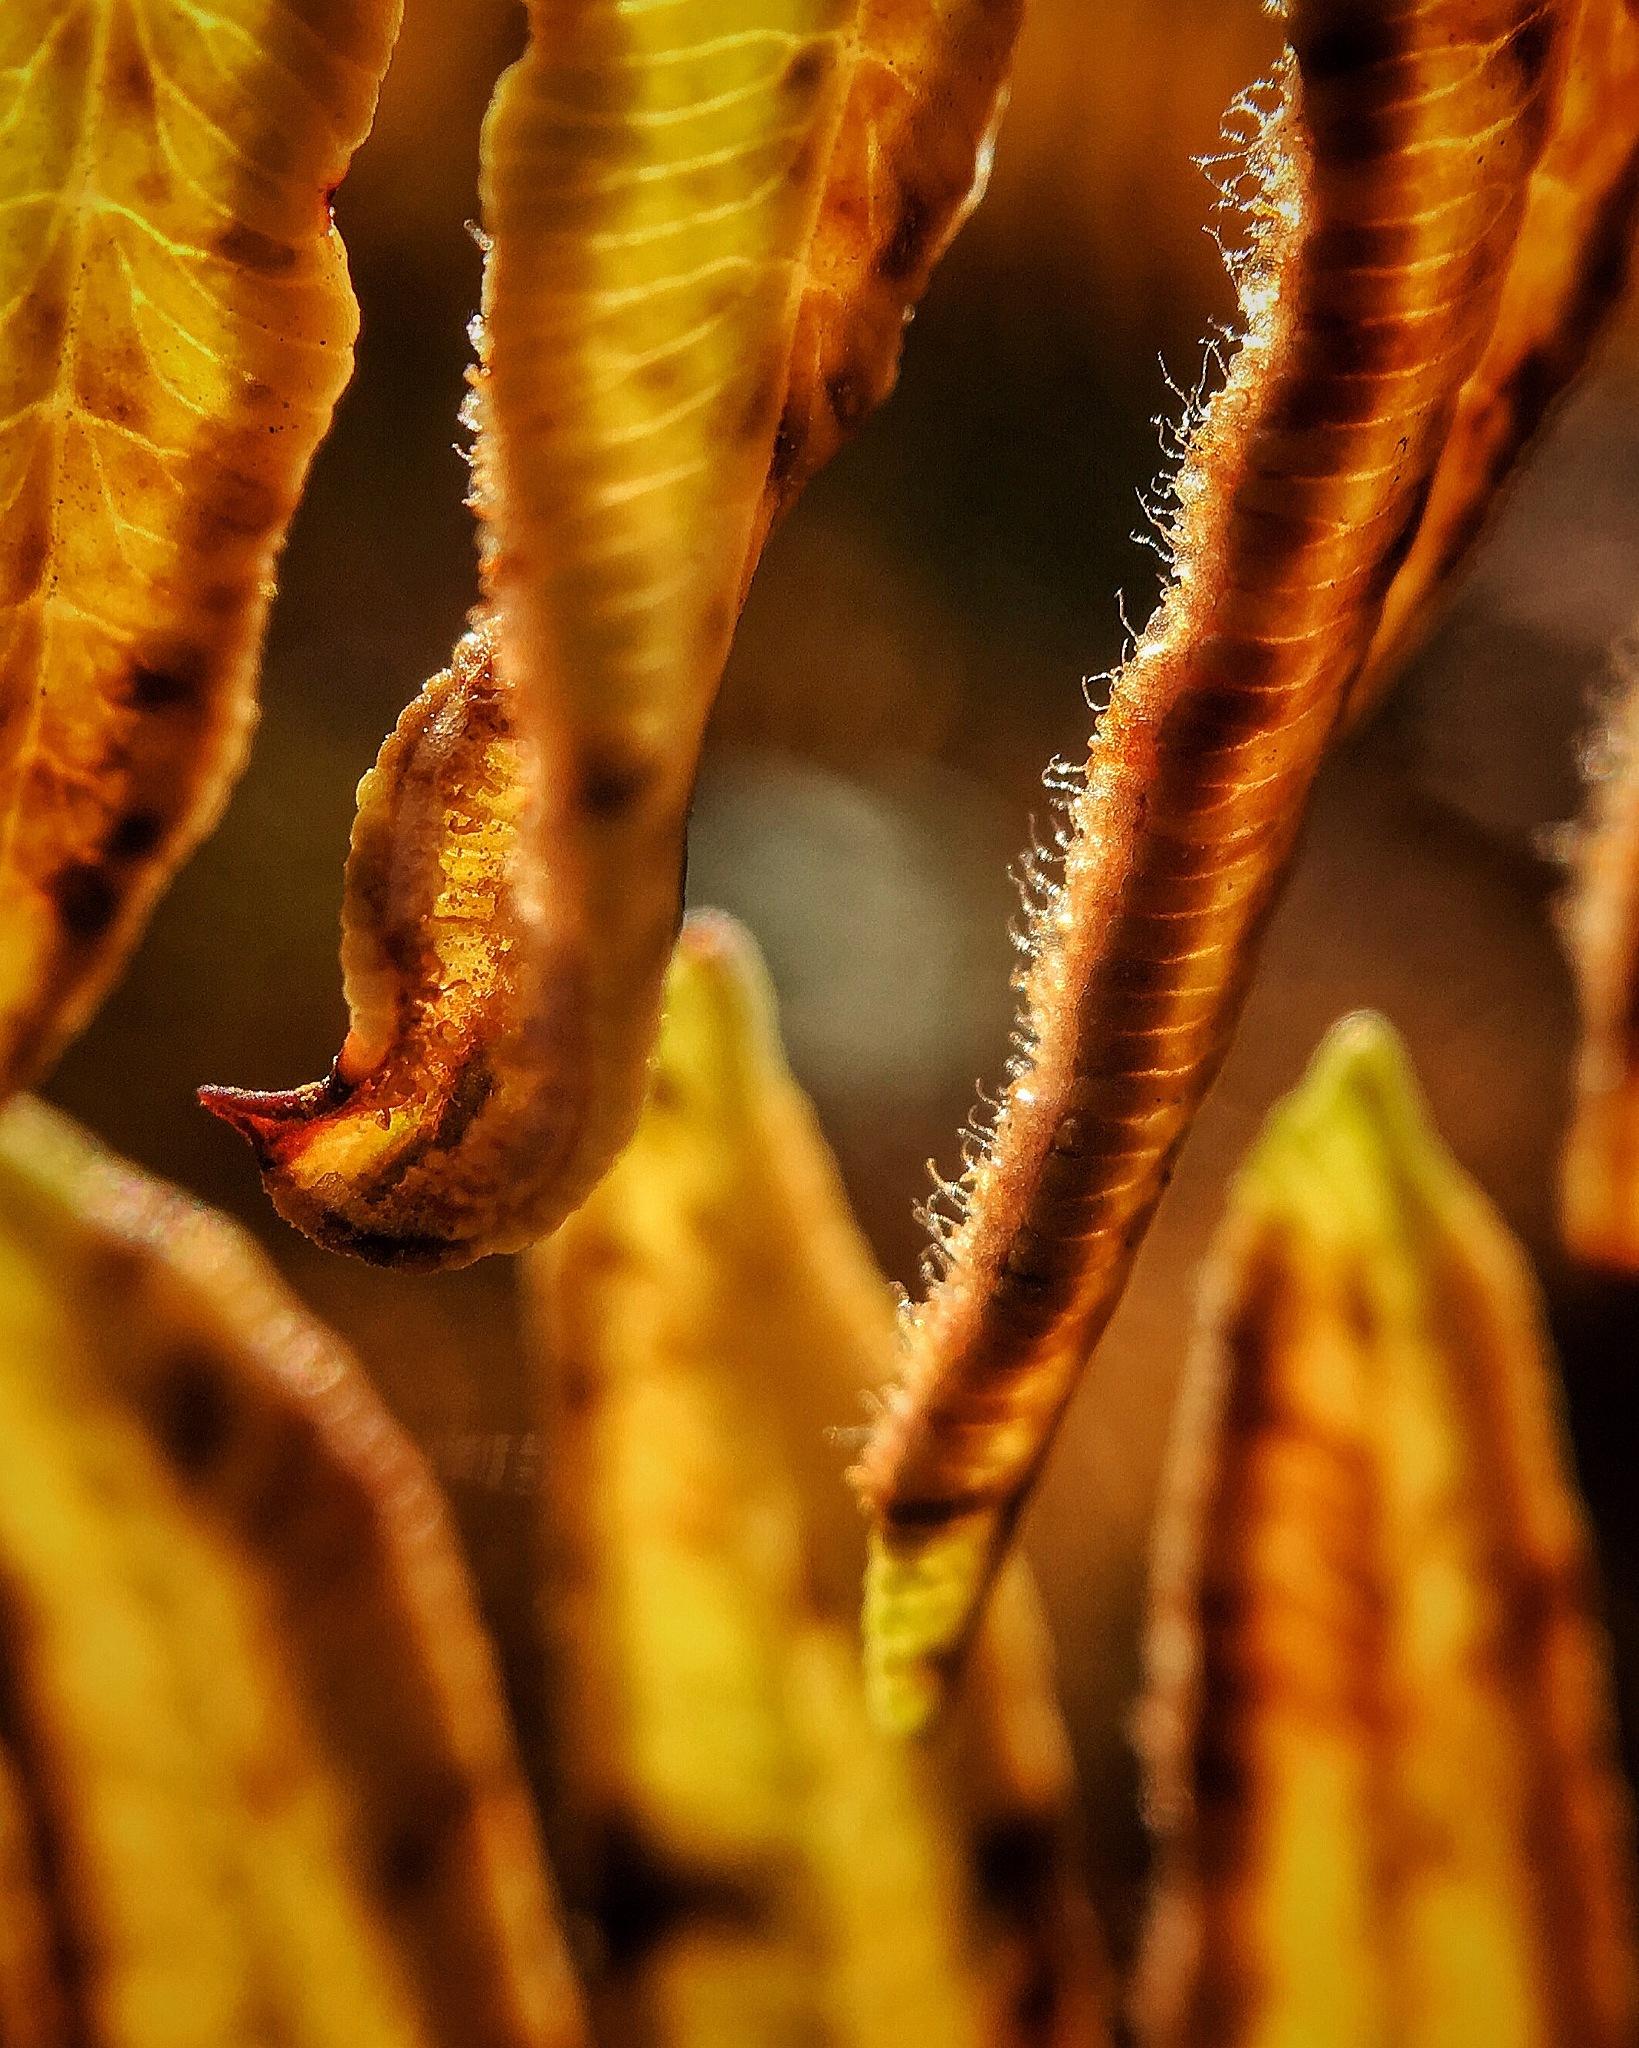 Macro fern tips by beaniedee